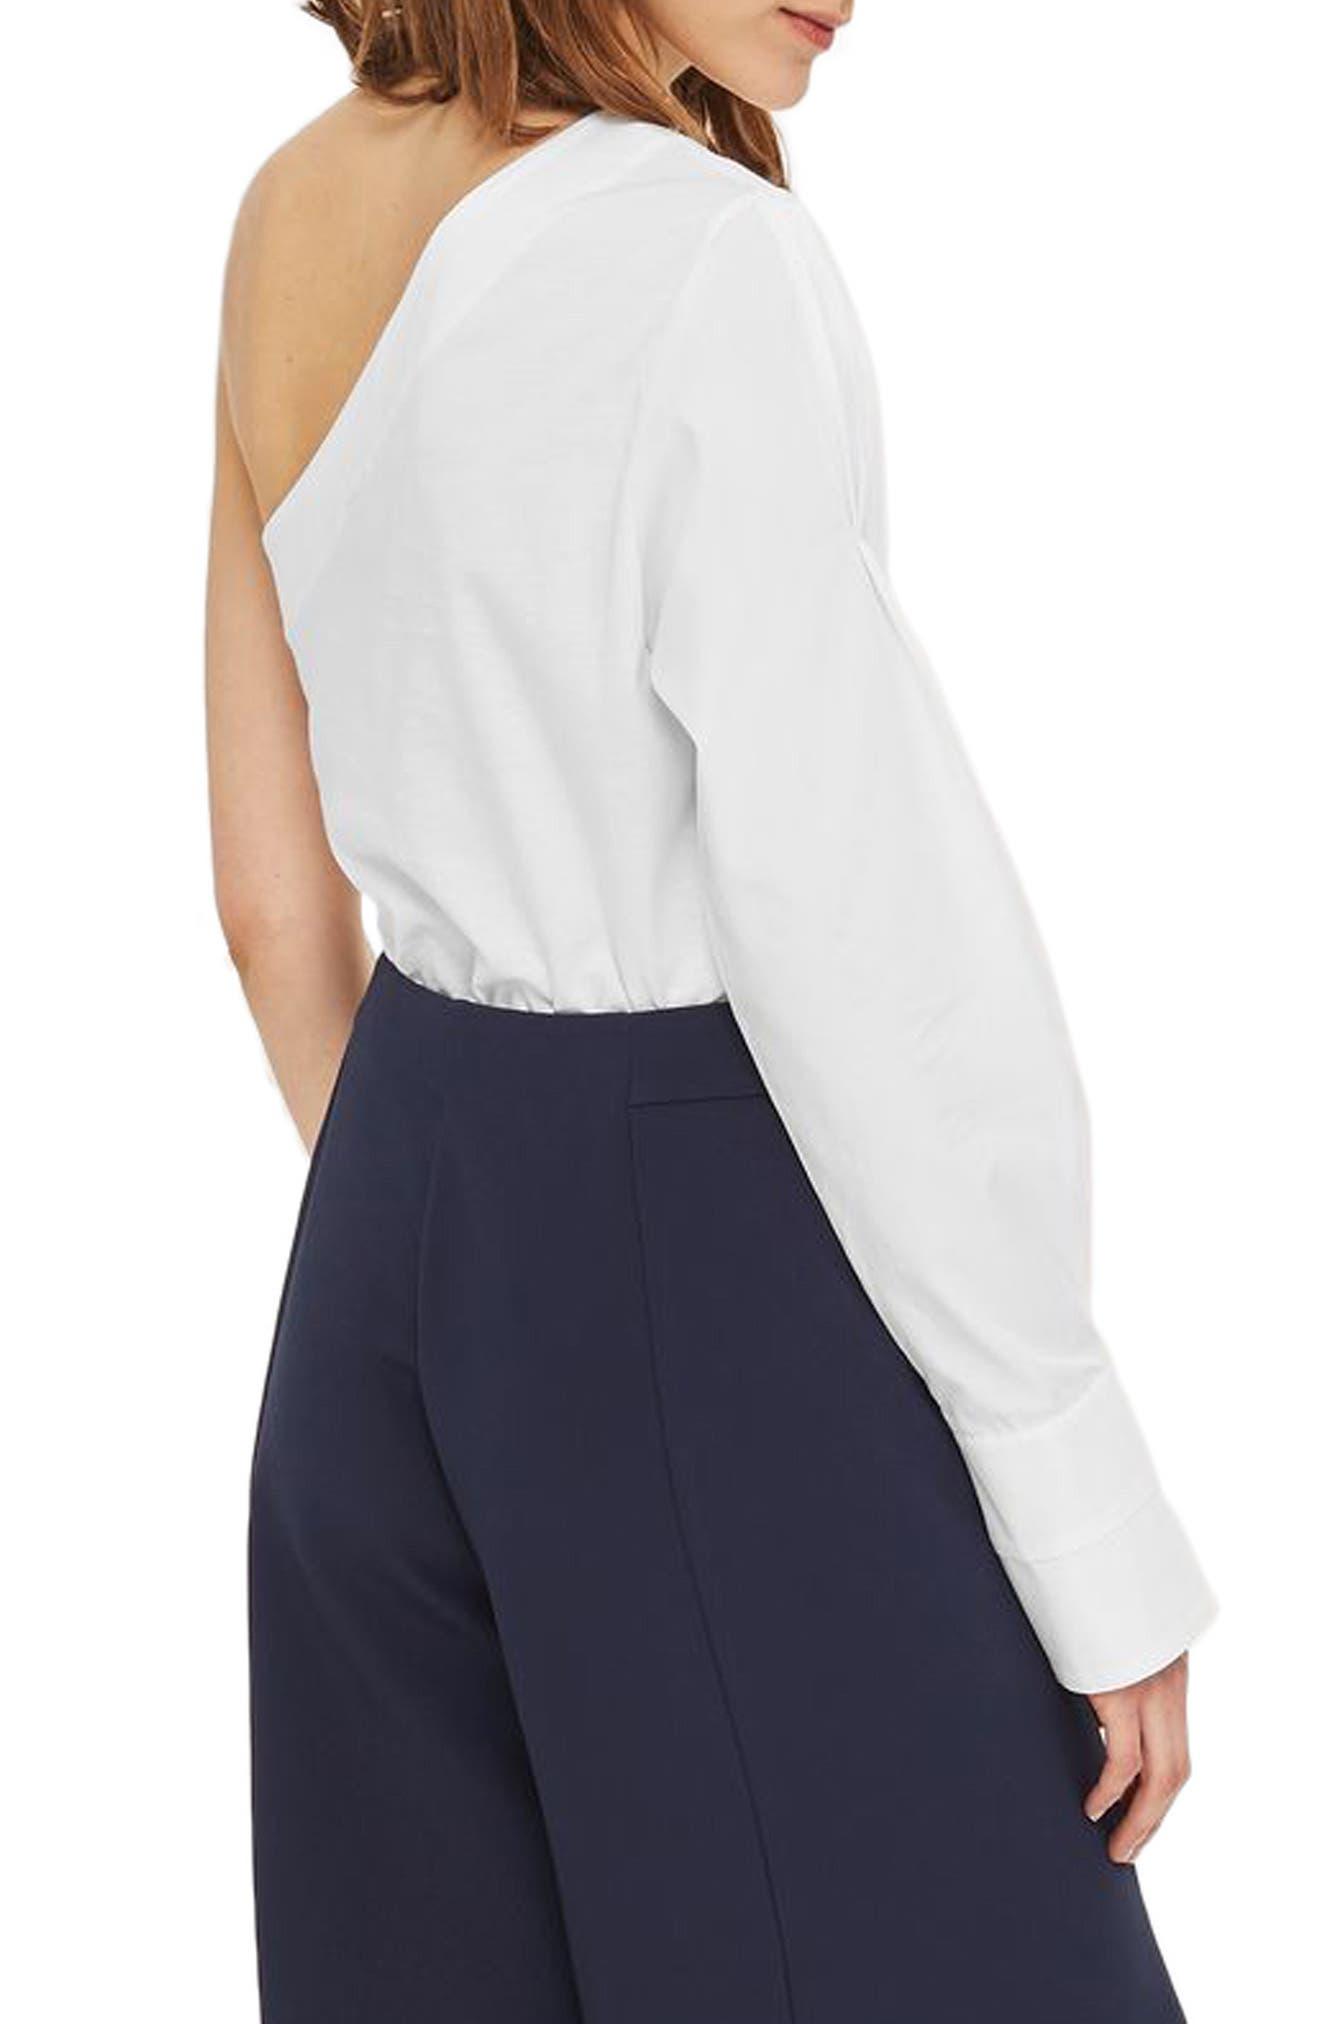 Alternate Image 3  - Topshop One-Shoulder Jersey Top